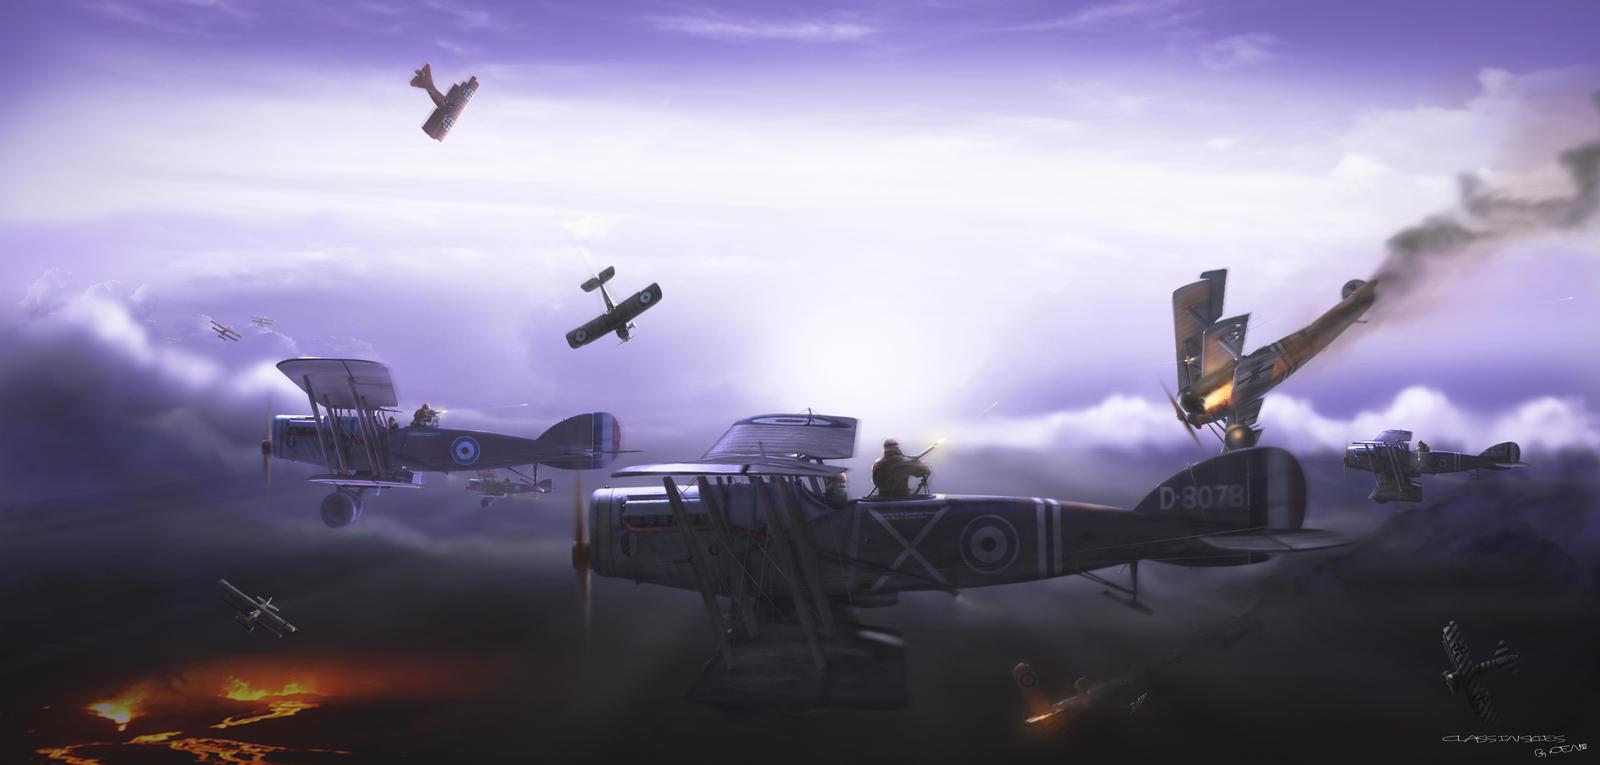 ClasH In Skies by rOEN911